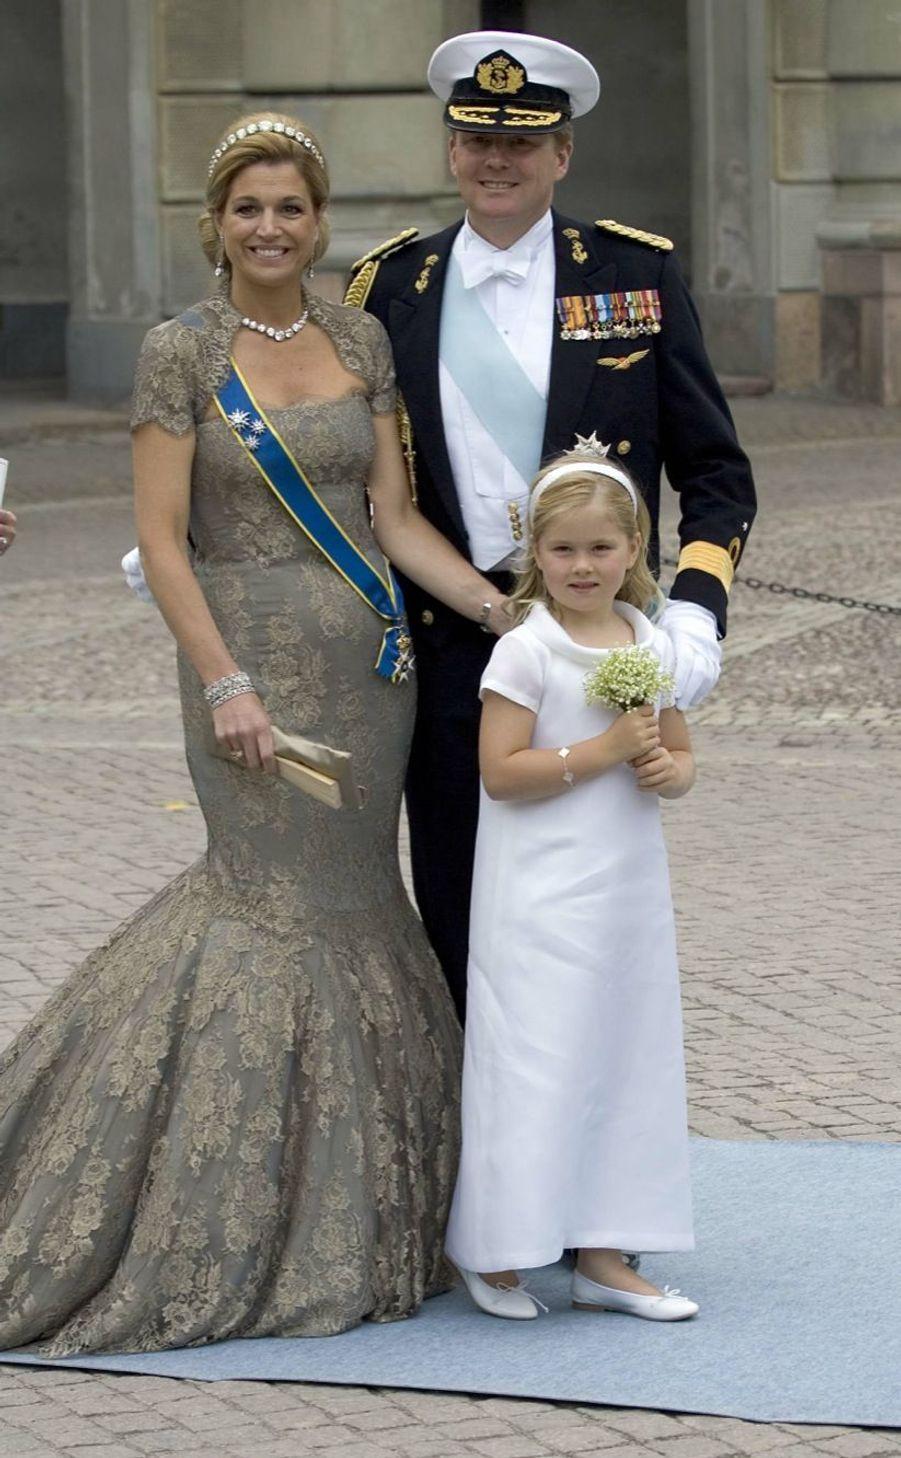 La princesse Catharina-Amalia avec ses parents au mariage de Victoria de Suède en juin 2010